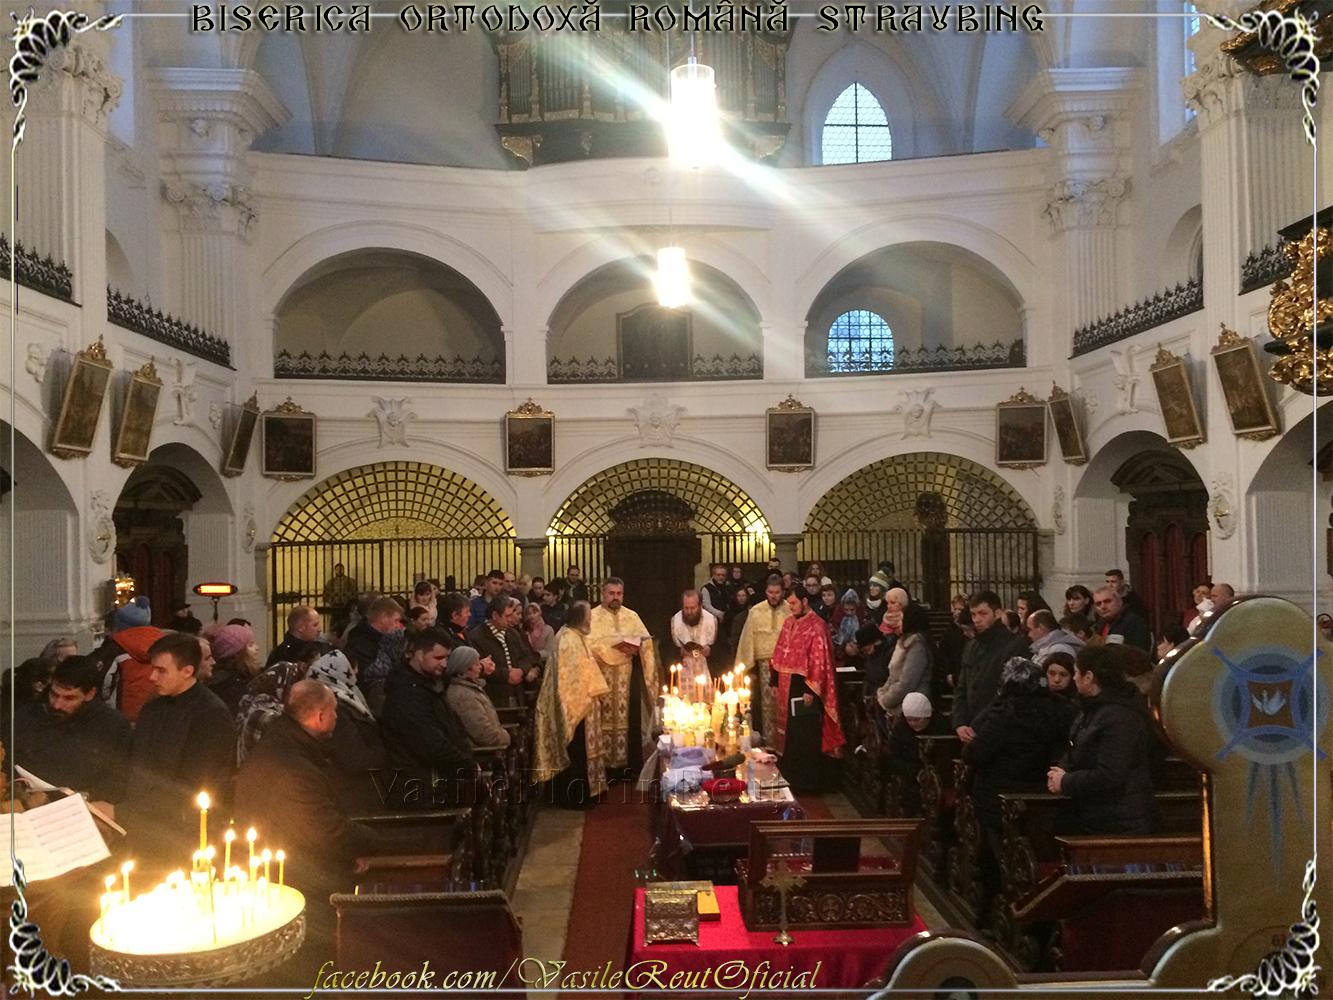 Taina Sfântului Maslu - Biserica Ortodoxă Română Straubing